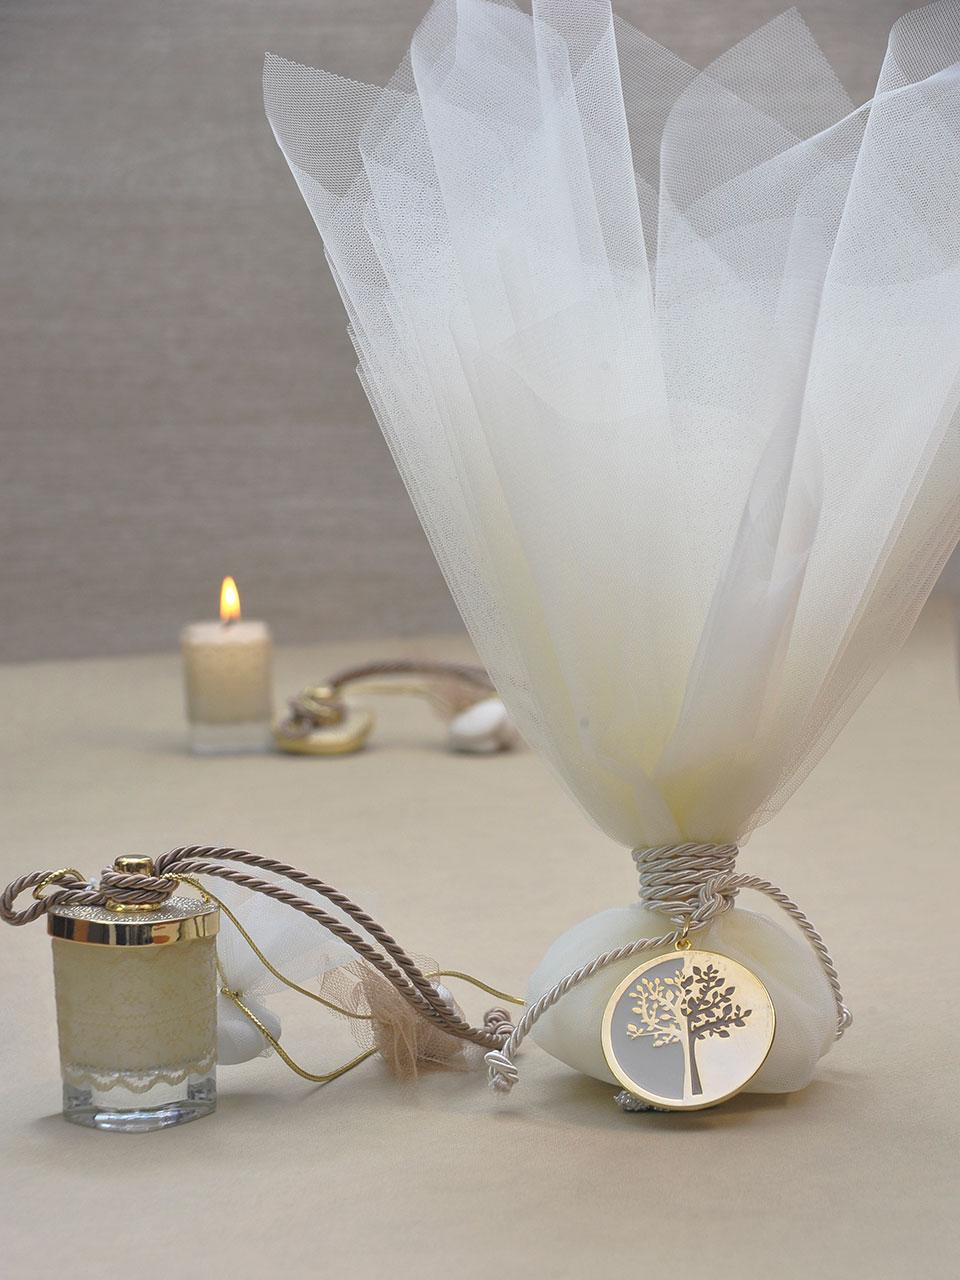 Μπομπονιέρα Γάμου σε ποτήρι κερί και μπομπονιέρα γάμου τούλινη με αντικείμενο το δέντρο της ζωής